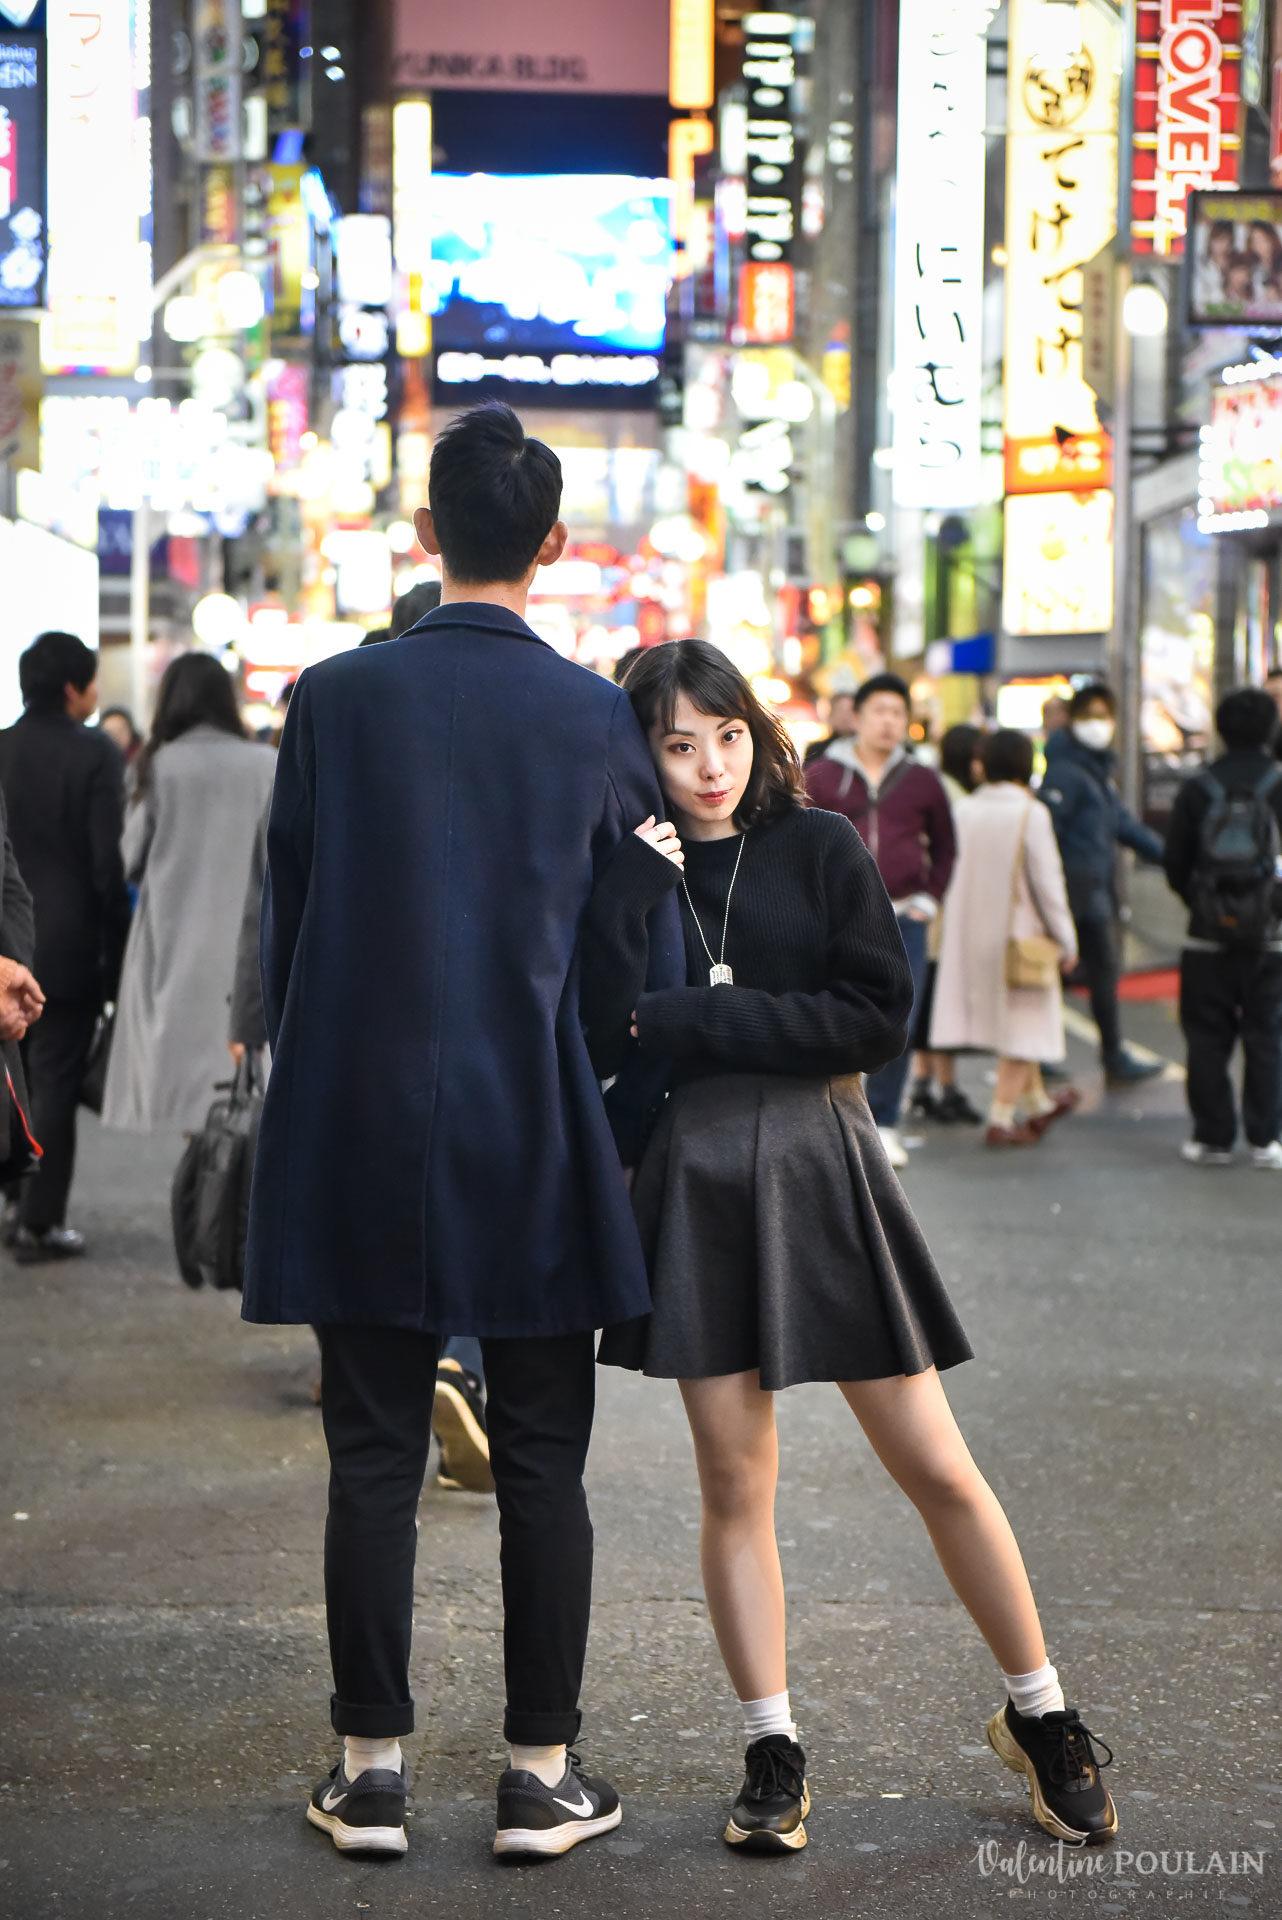 Shooting couple Japon Tokyo - Valentine Poulain lumières